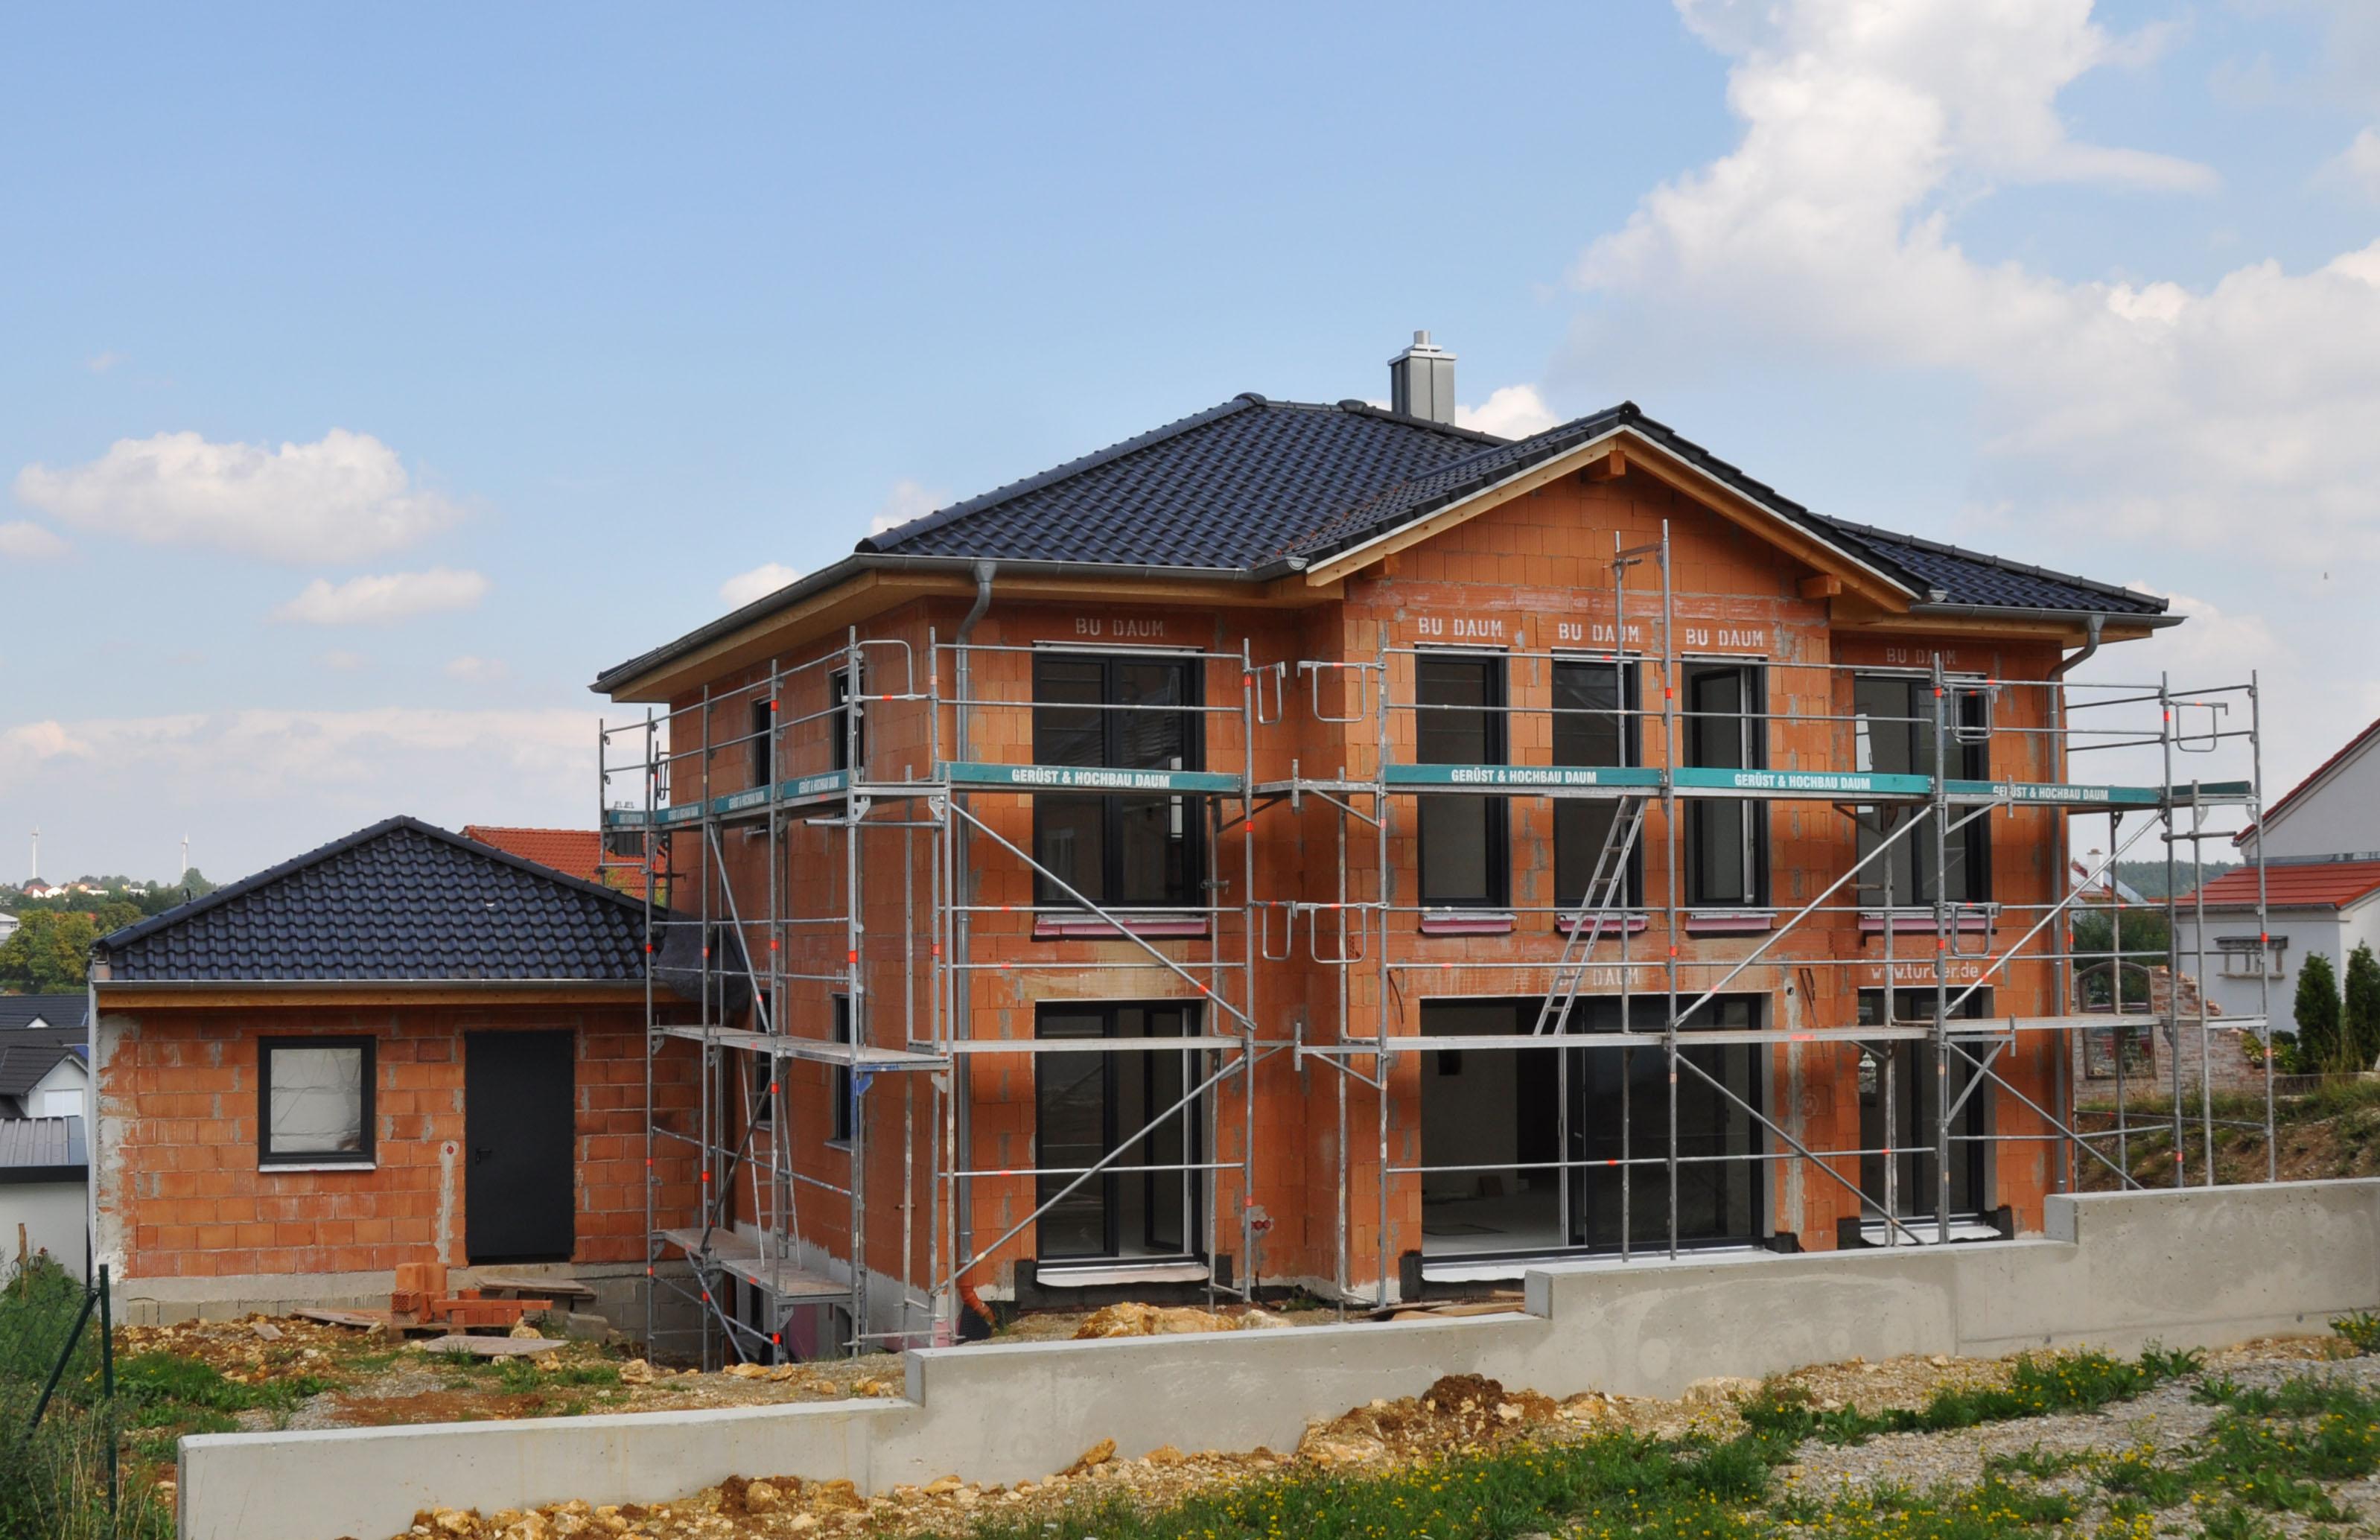 Einfamilienhaus neubau mit doppelgarage  Referenzen